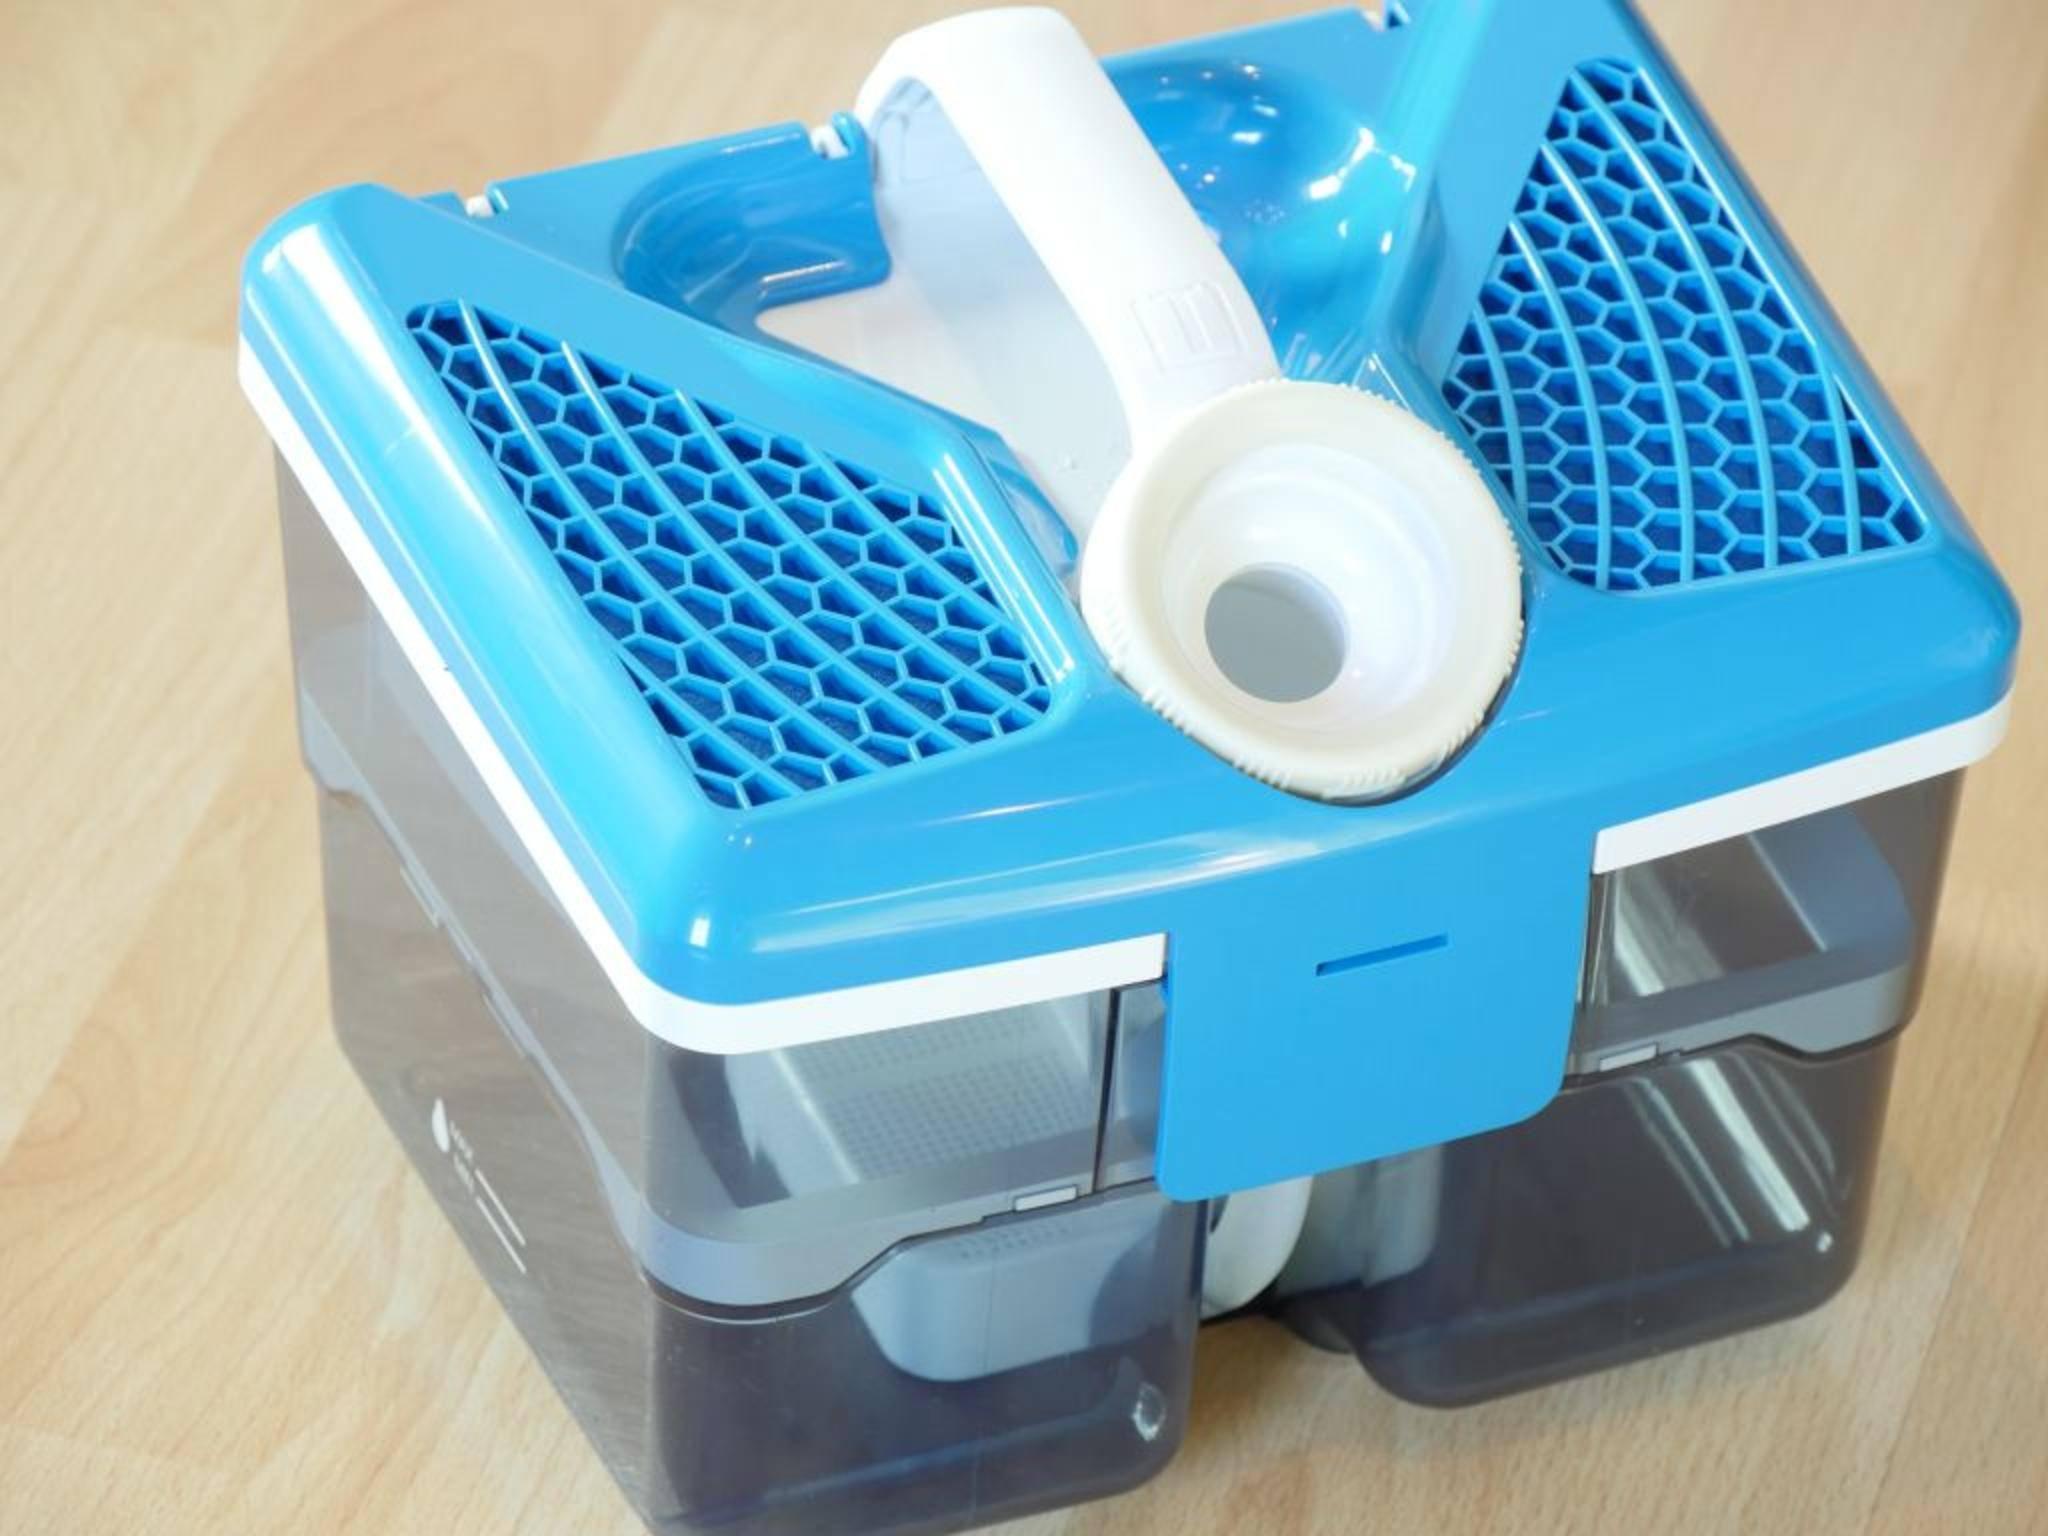 Statt Beutel enthält der Sauger einen Tank mit Aqua-Filter.